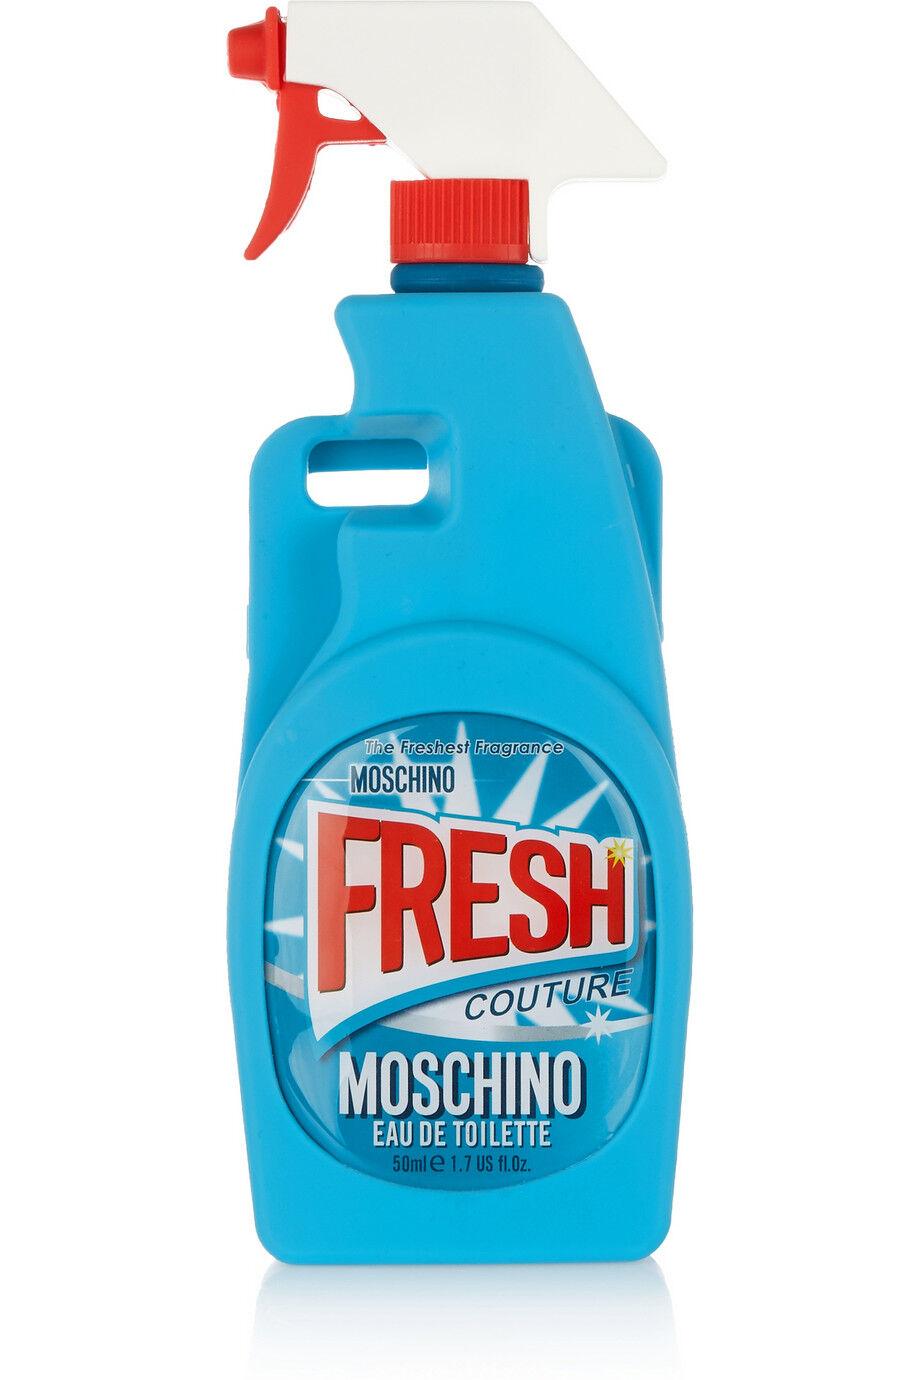 ŽENA-IN - Moschino má nový obal na mobil b0aeb4219bf